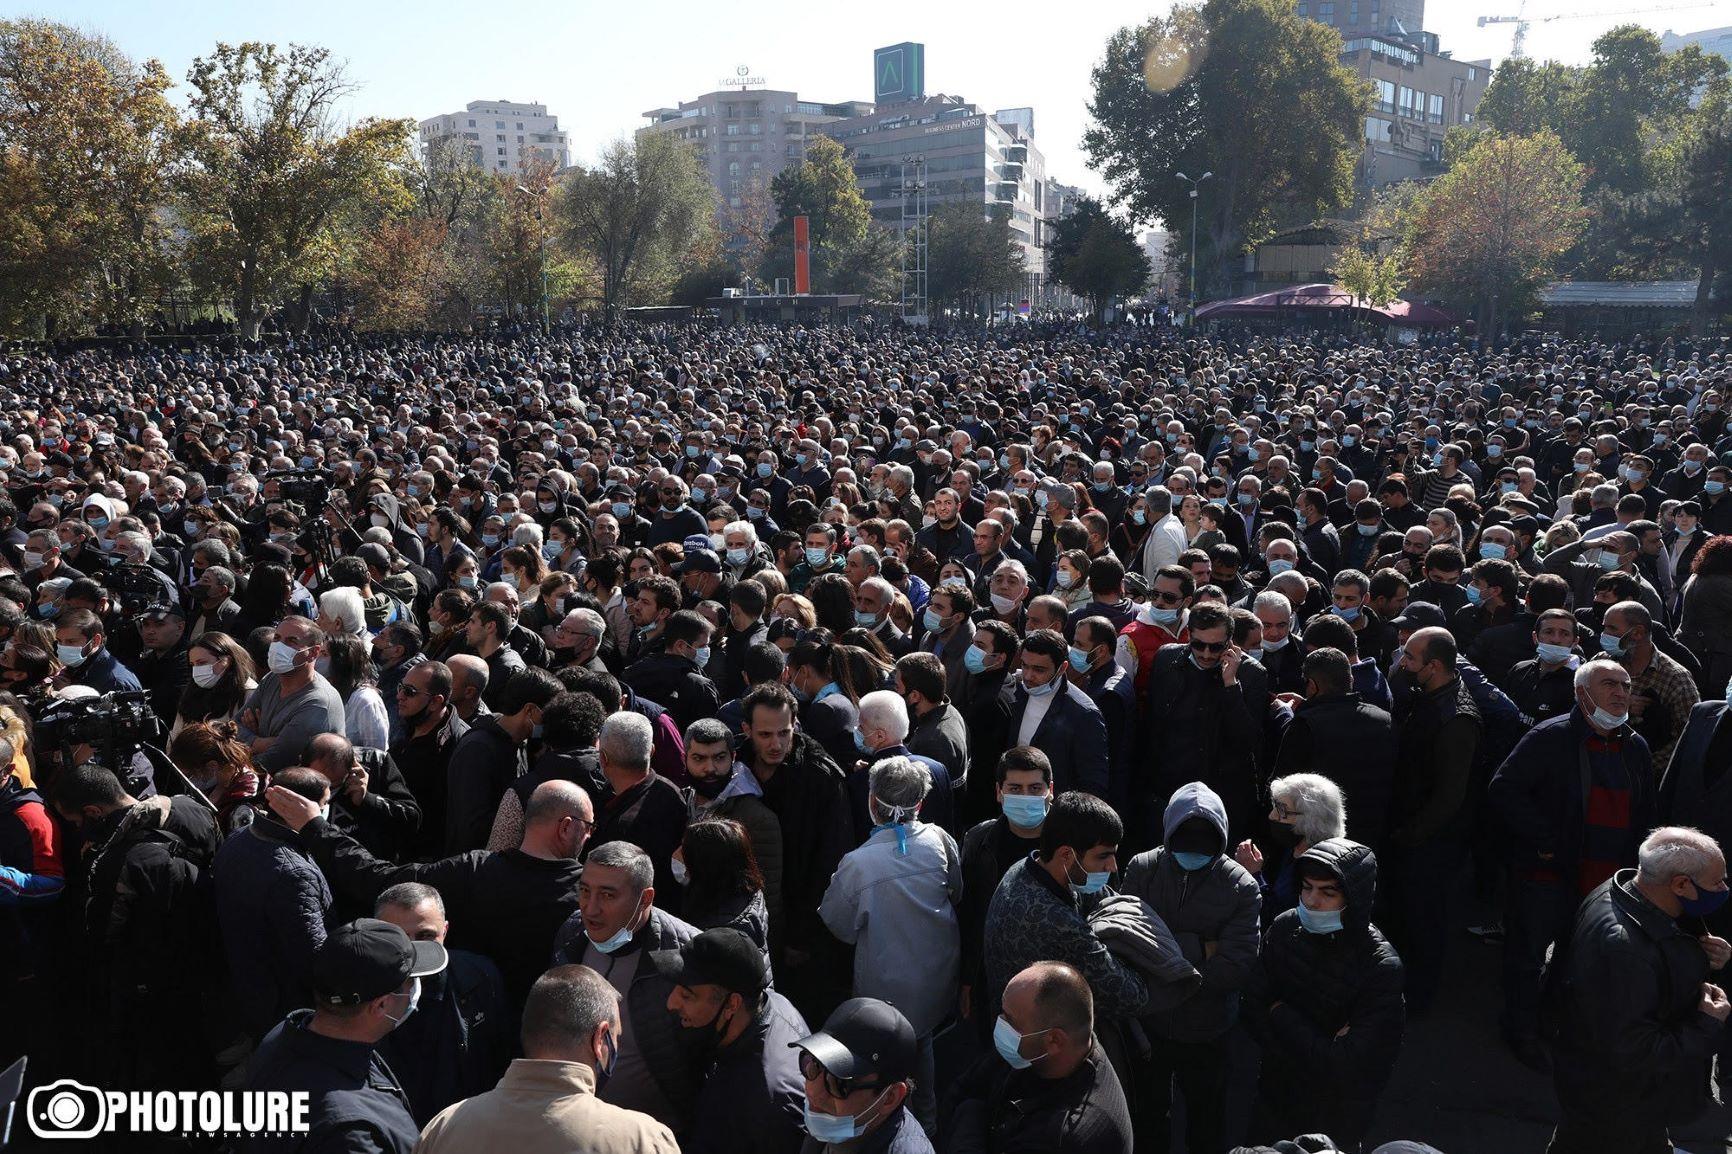 Le Premier ministre arménien face à l'incompréhension (c) Photolure